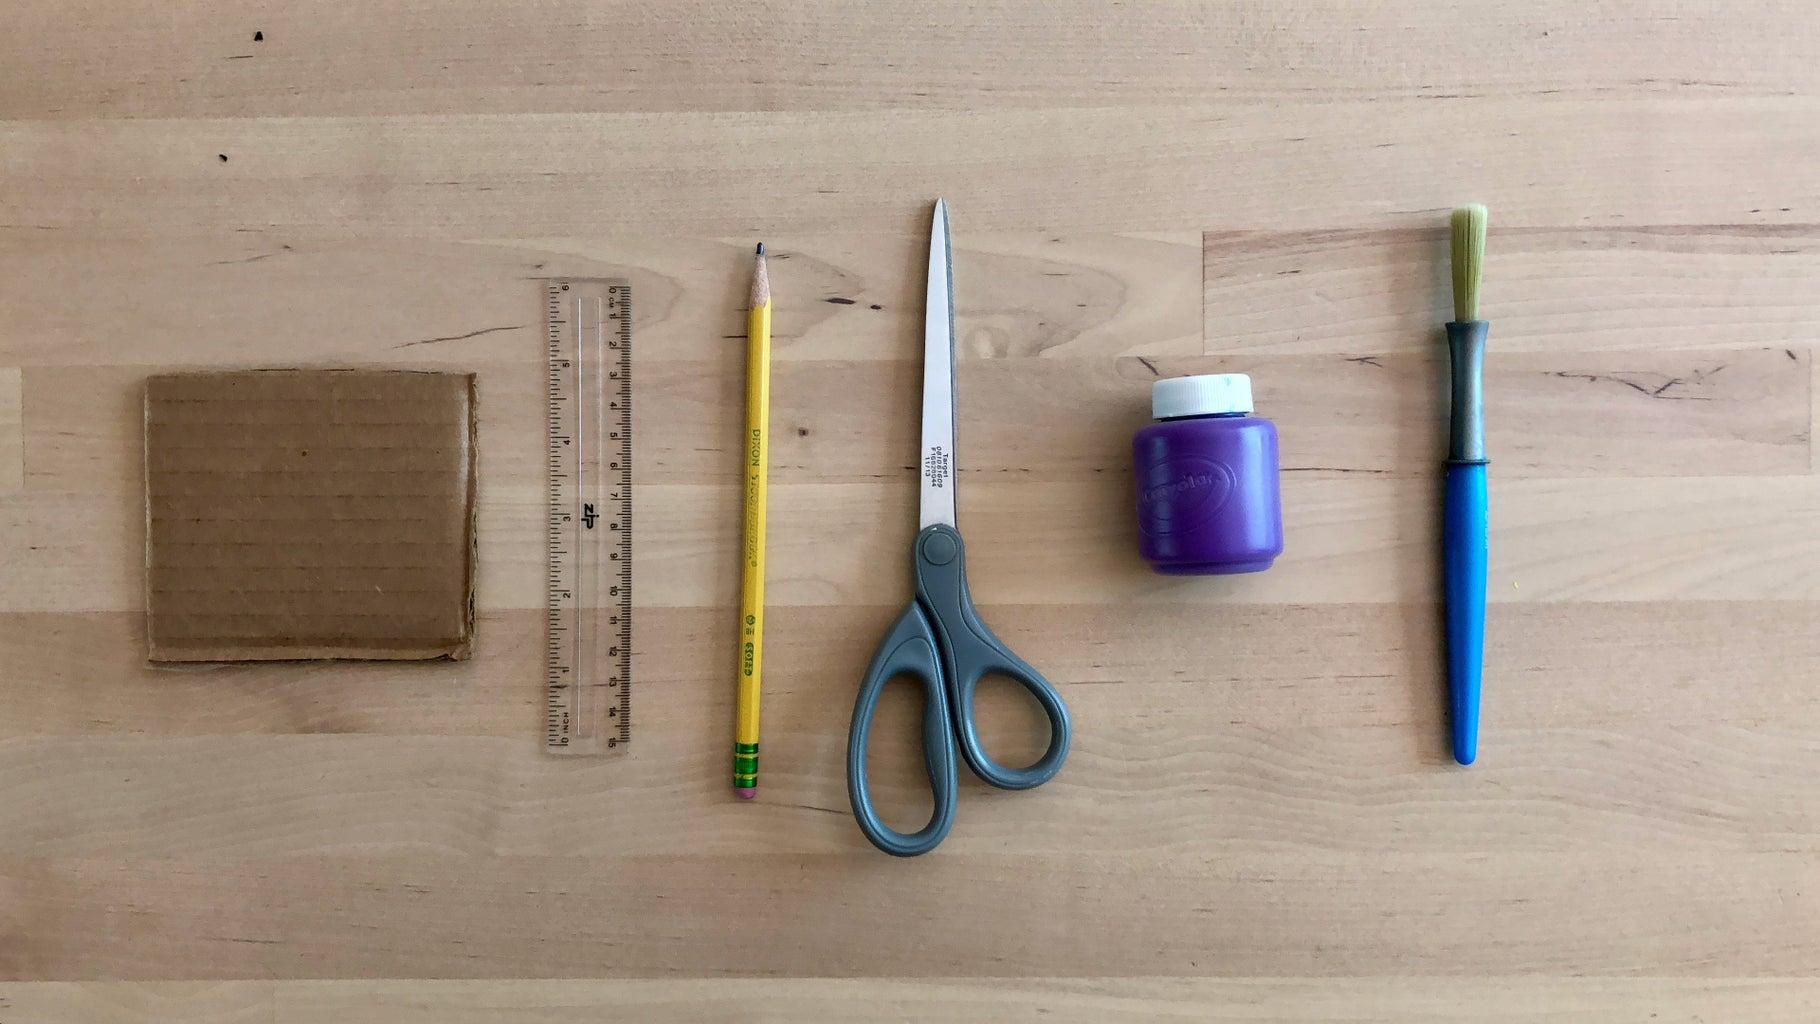 Cardboard Constructors